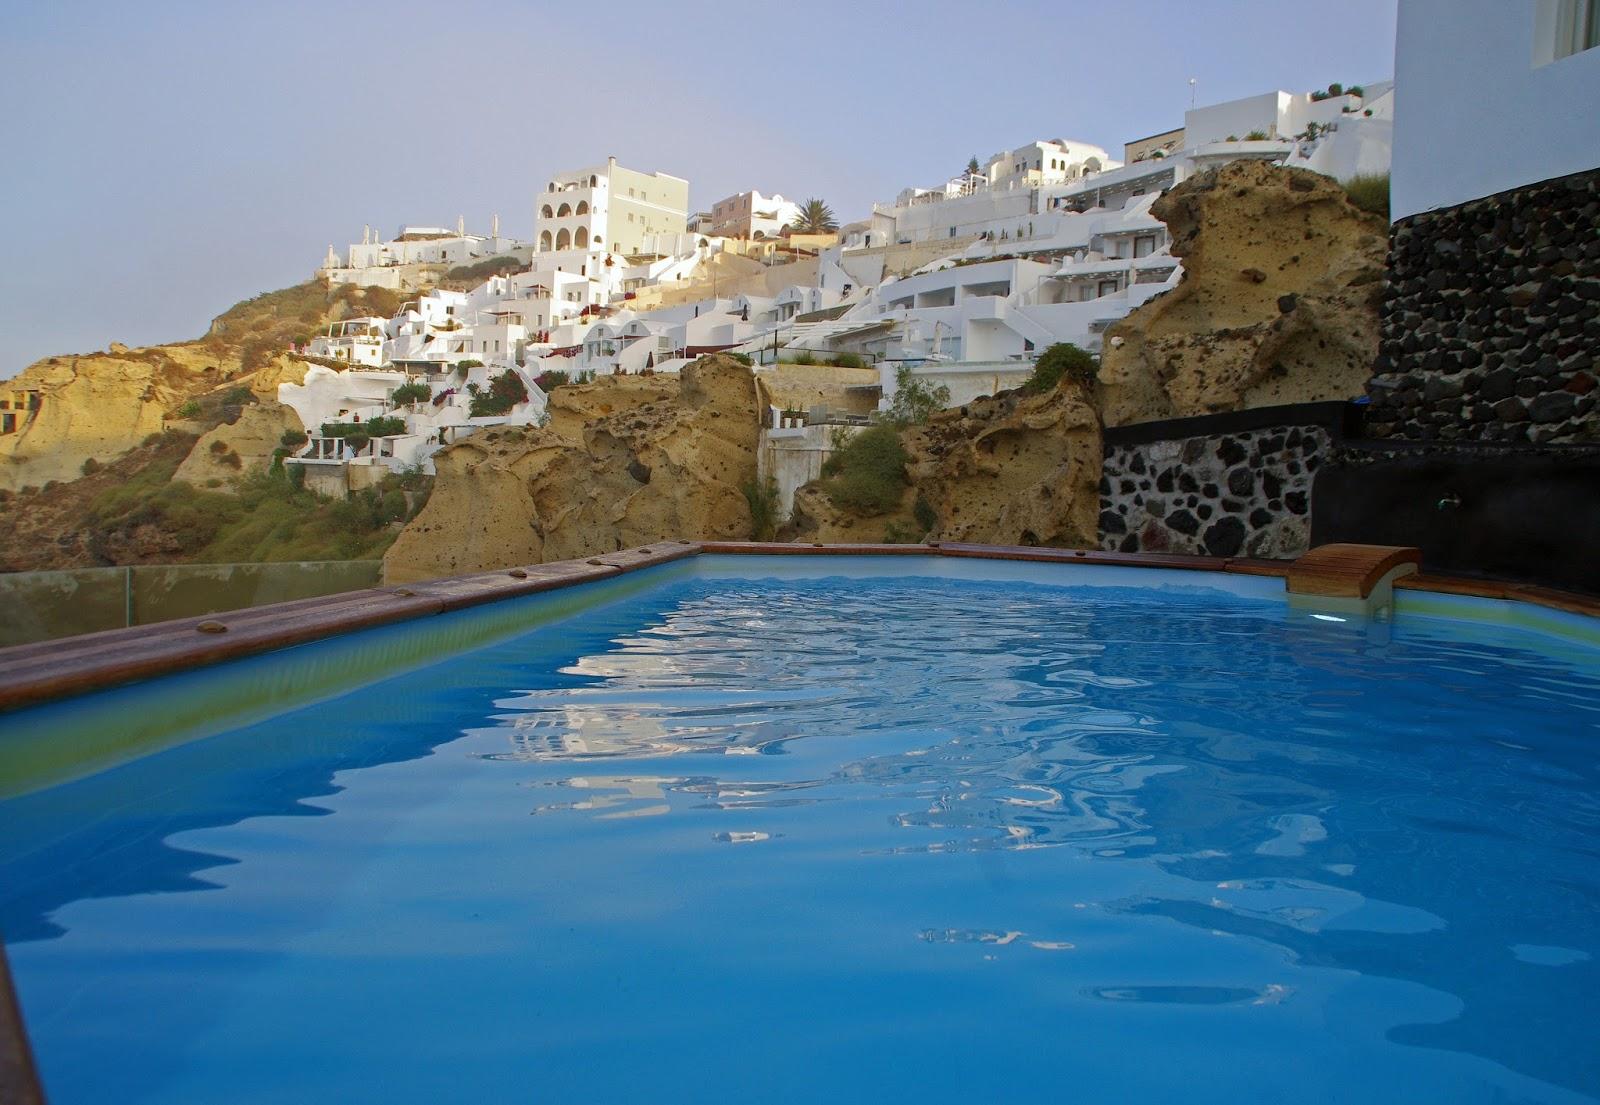 Swimming Pool at Nostos Apartments Oia Santorini